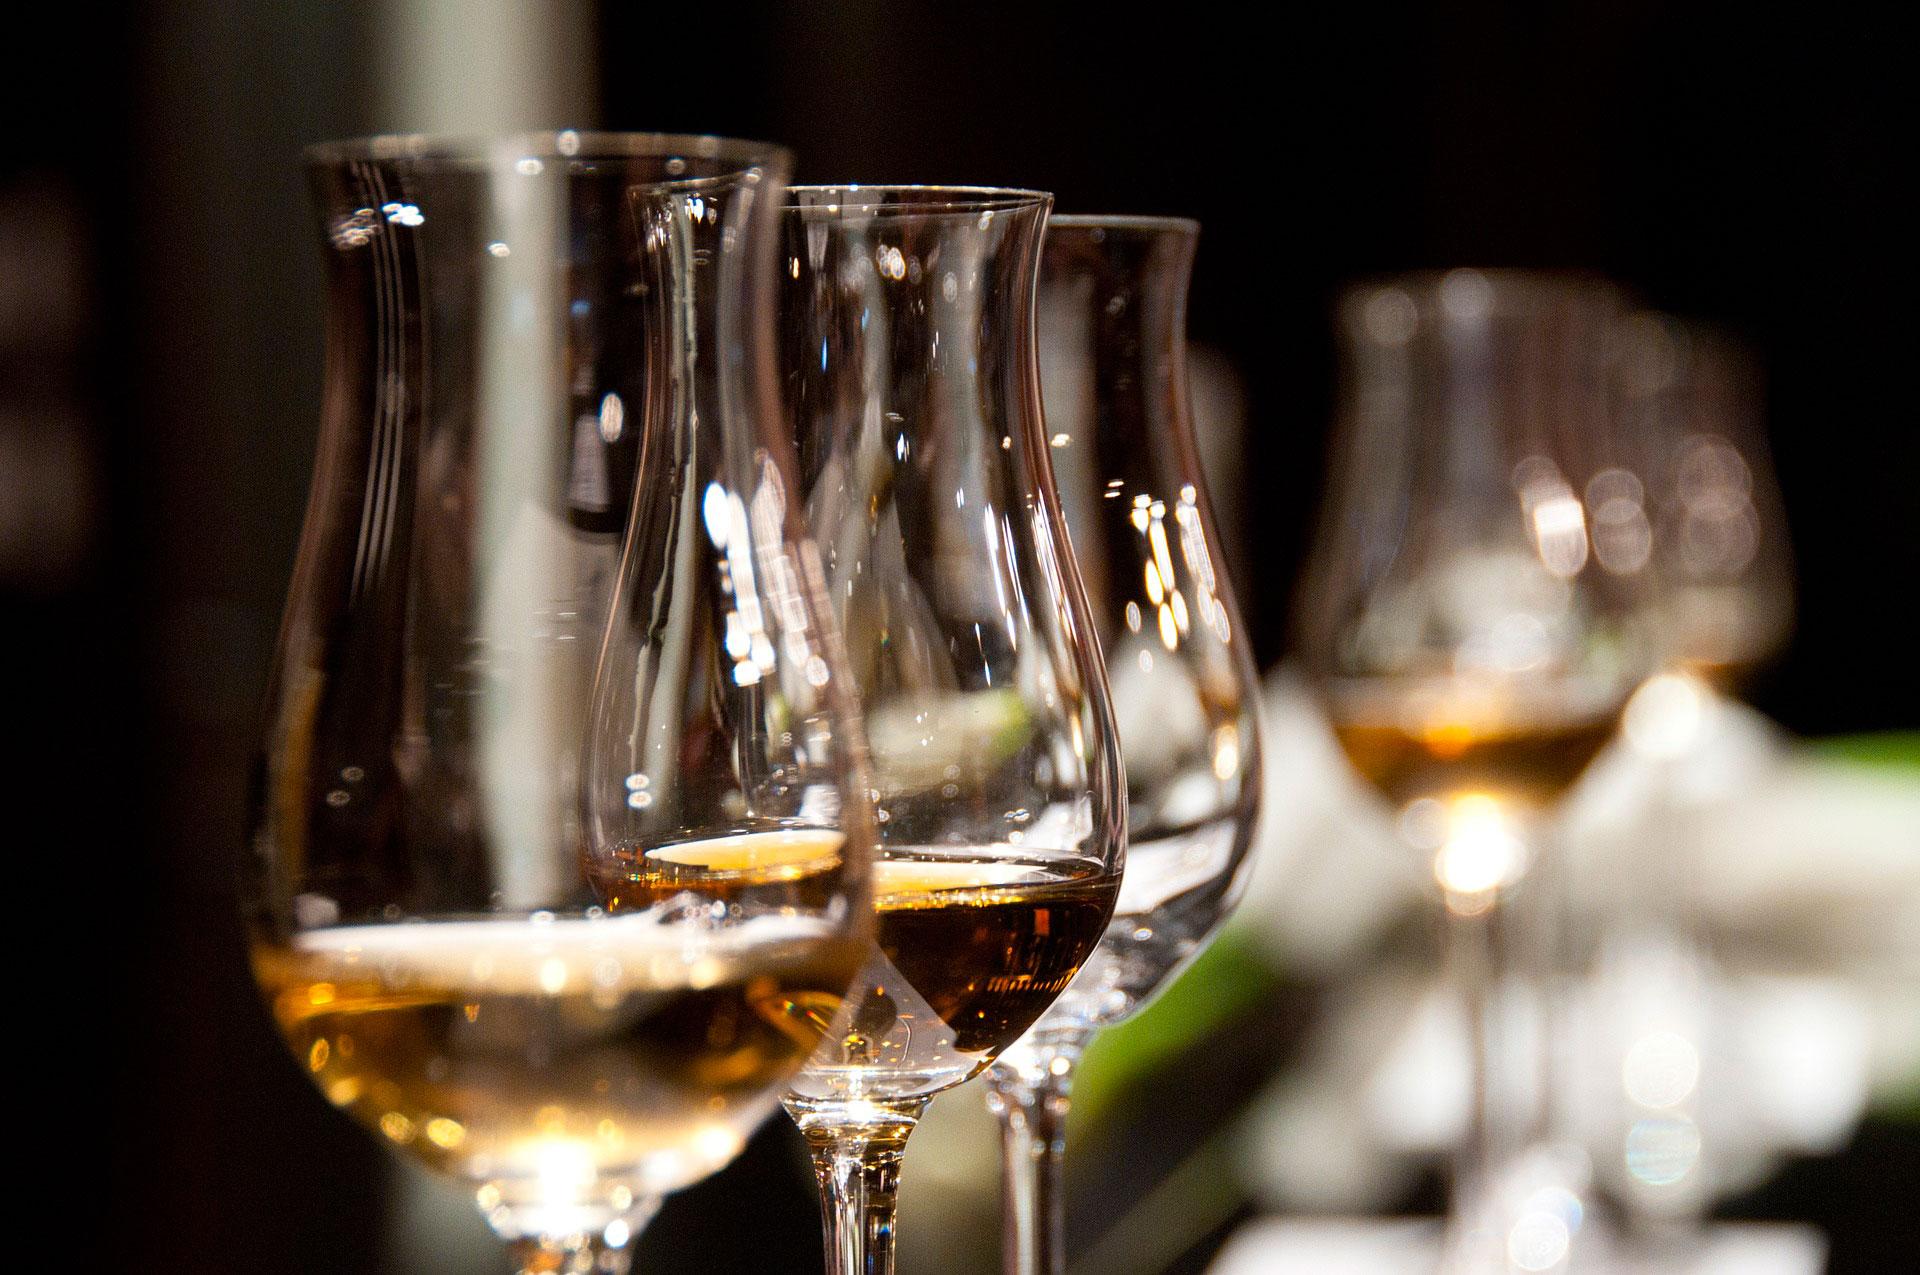 copas cristal con vinos para winelover